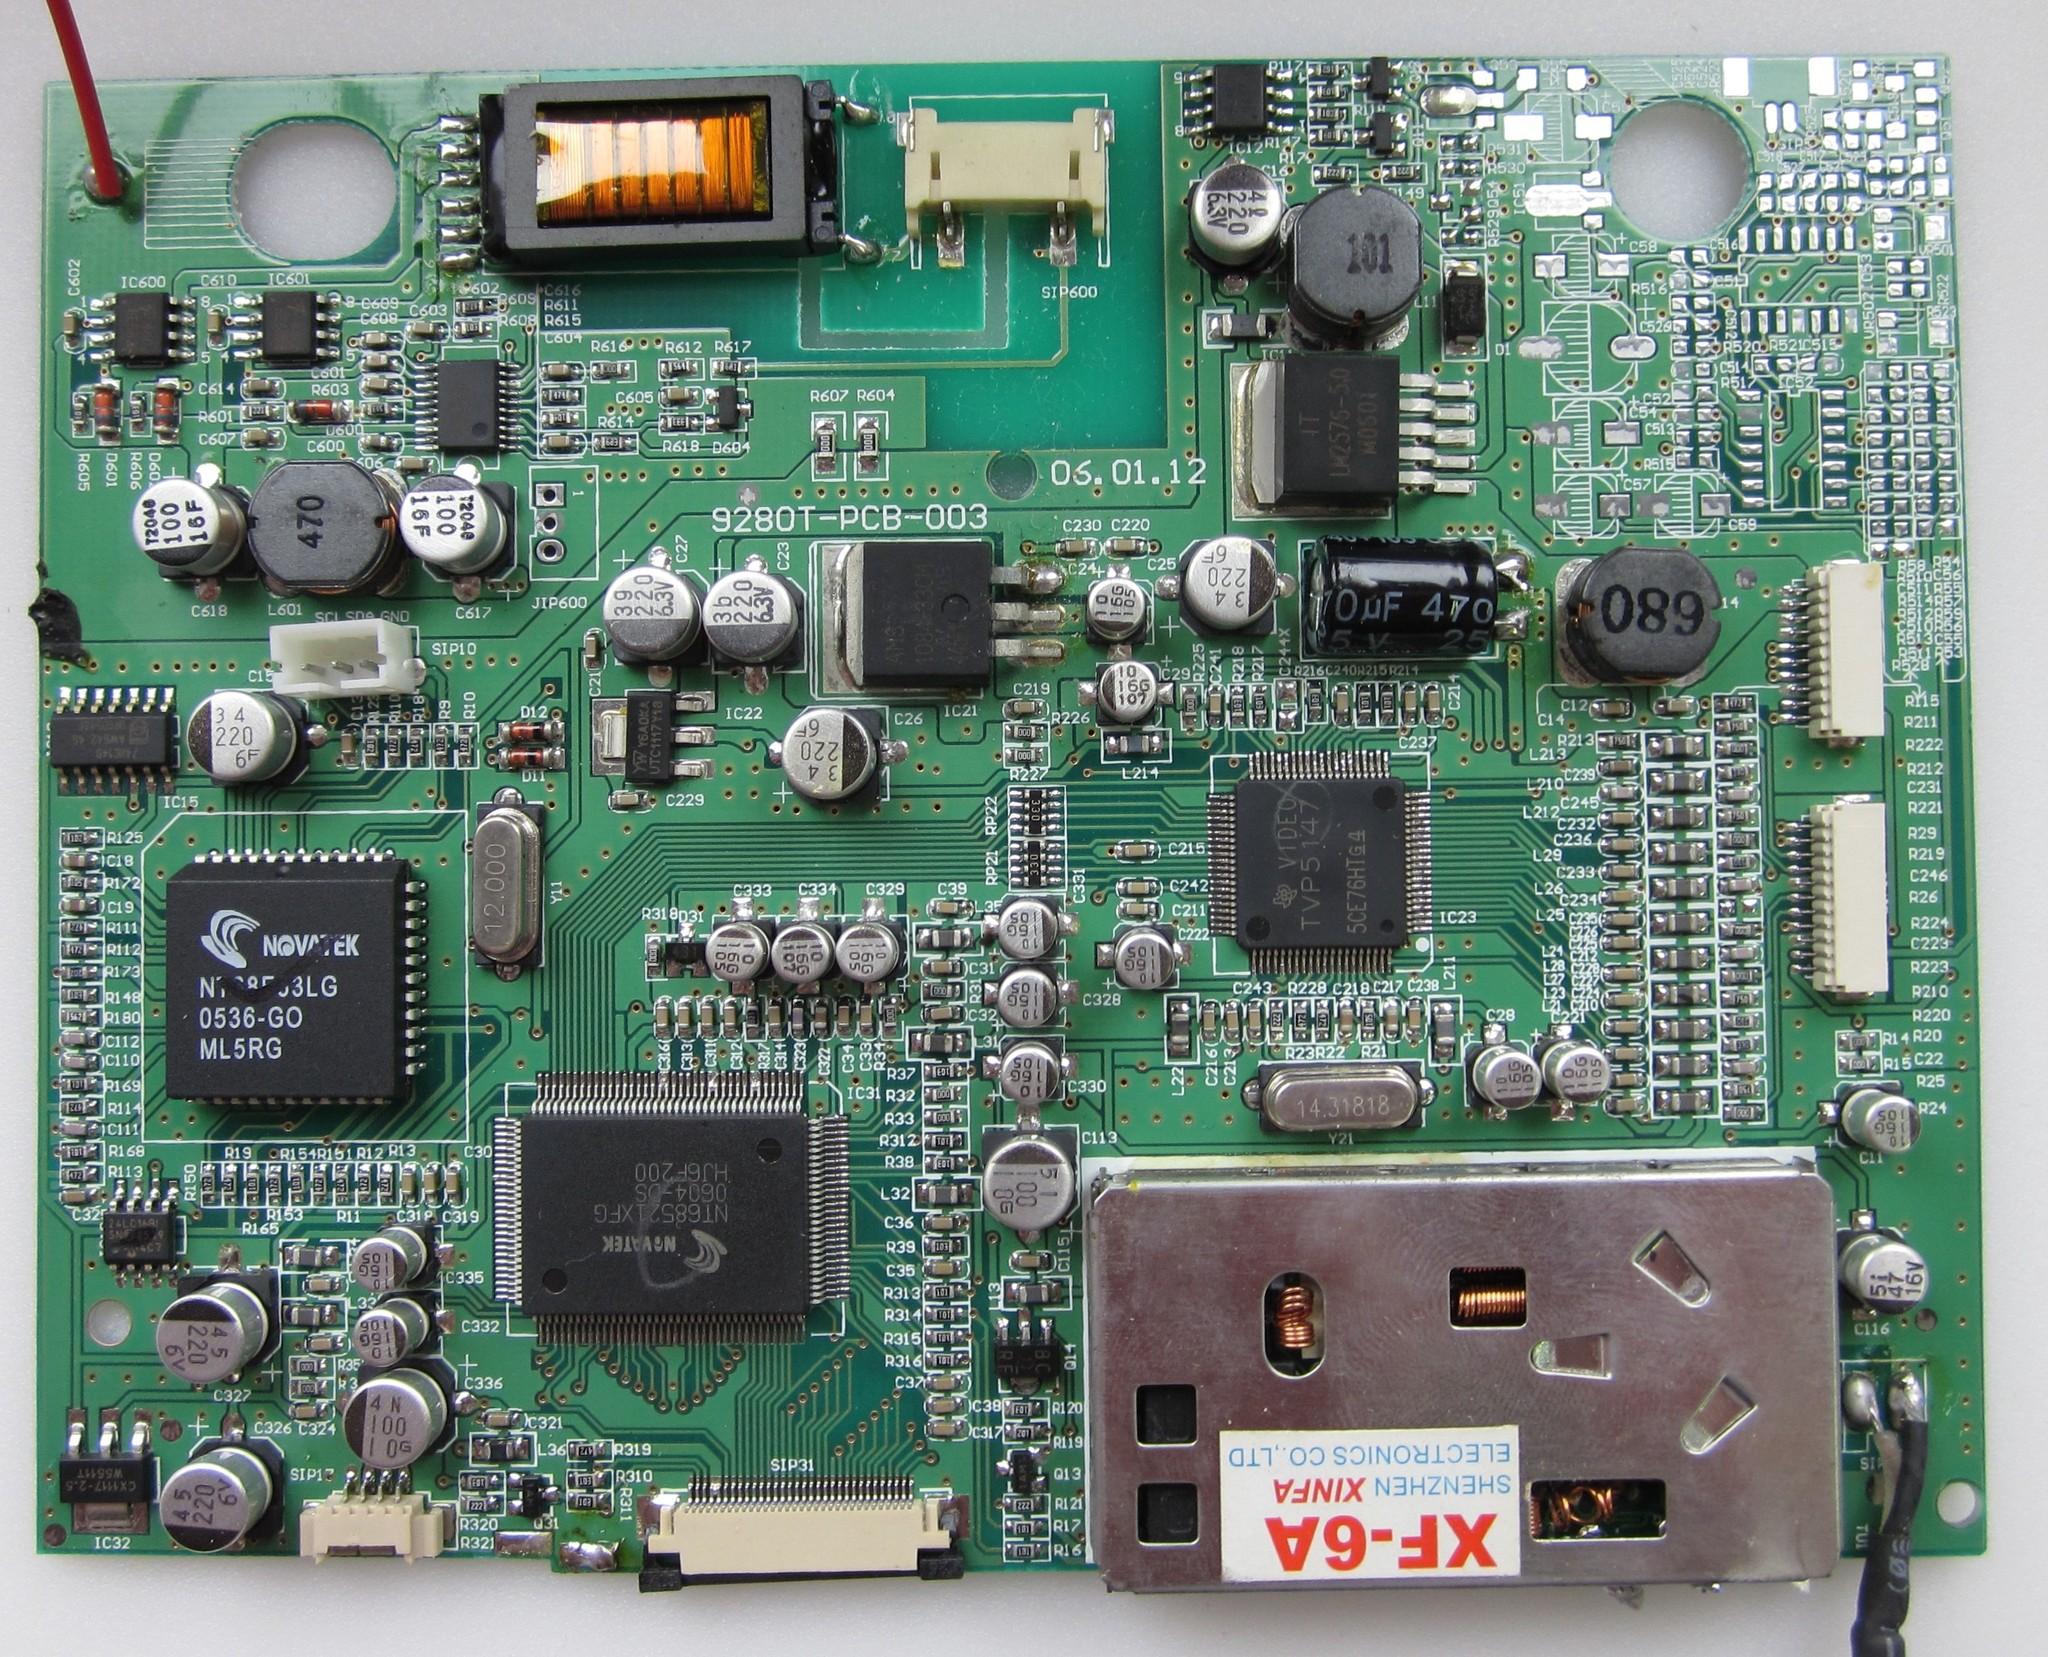 9280T-PCB-003